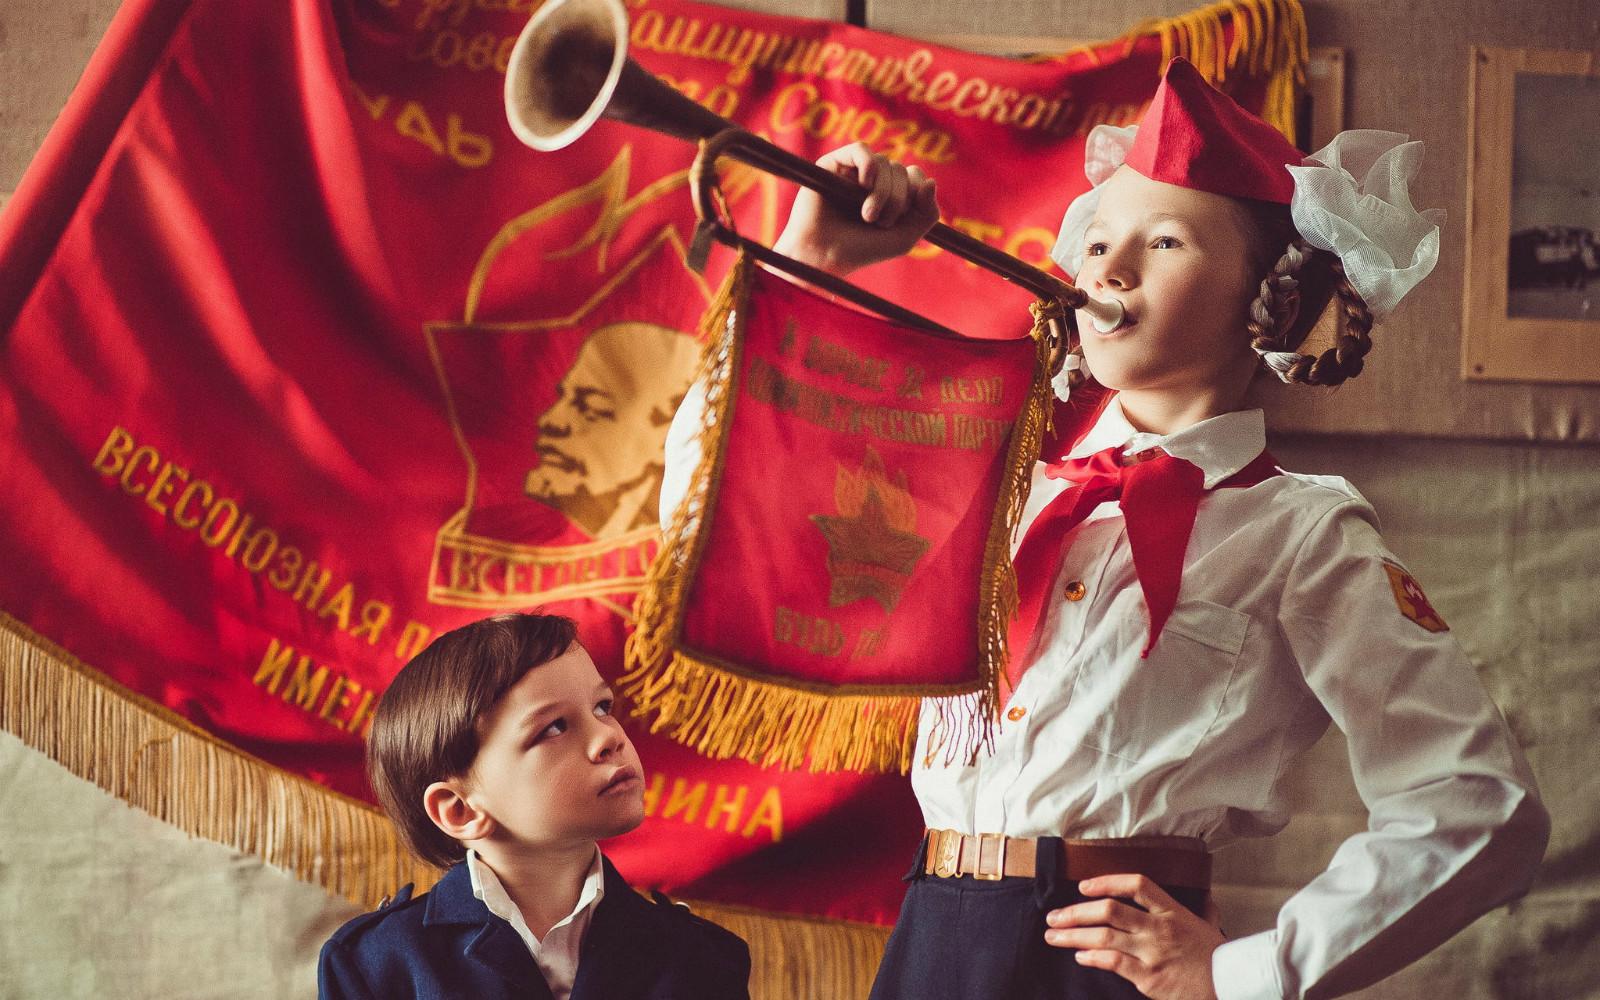 Тест для выросших в СССР: угадываем правду и мифы о Советском Союзе